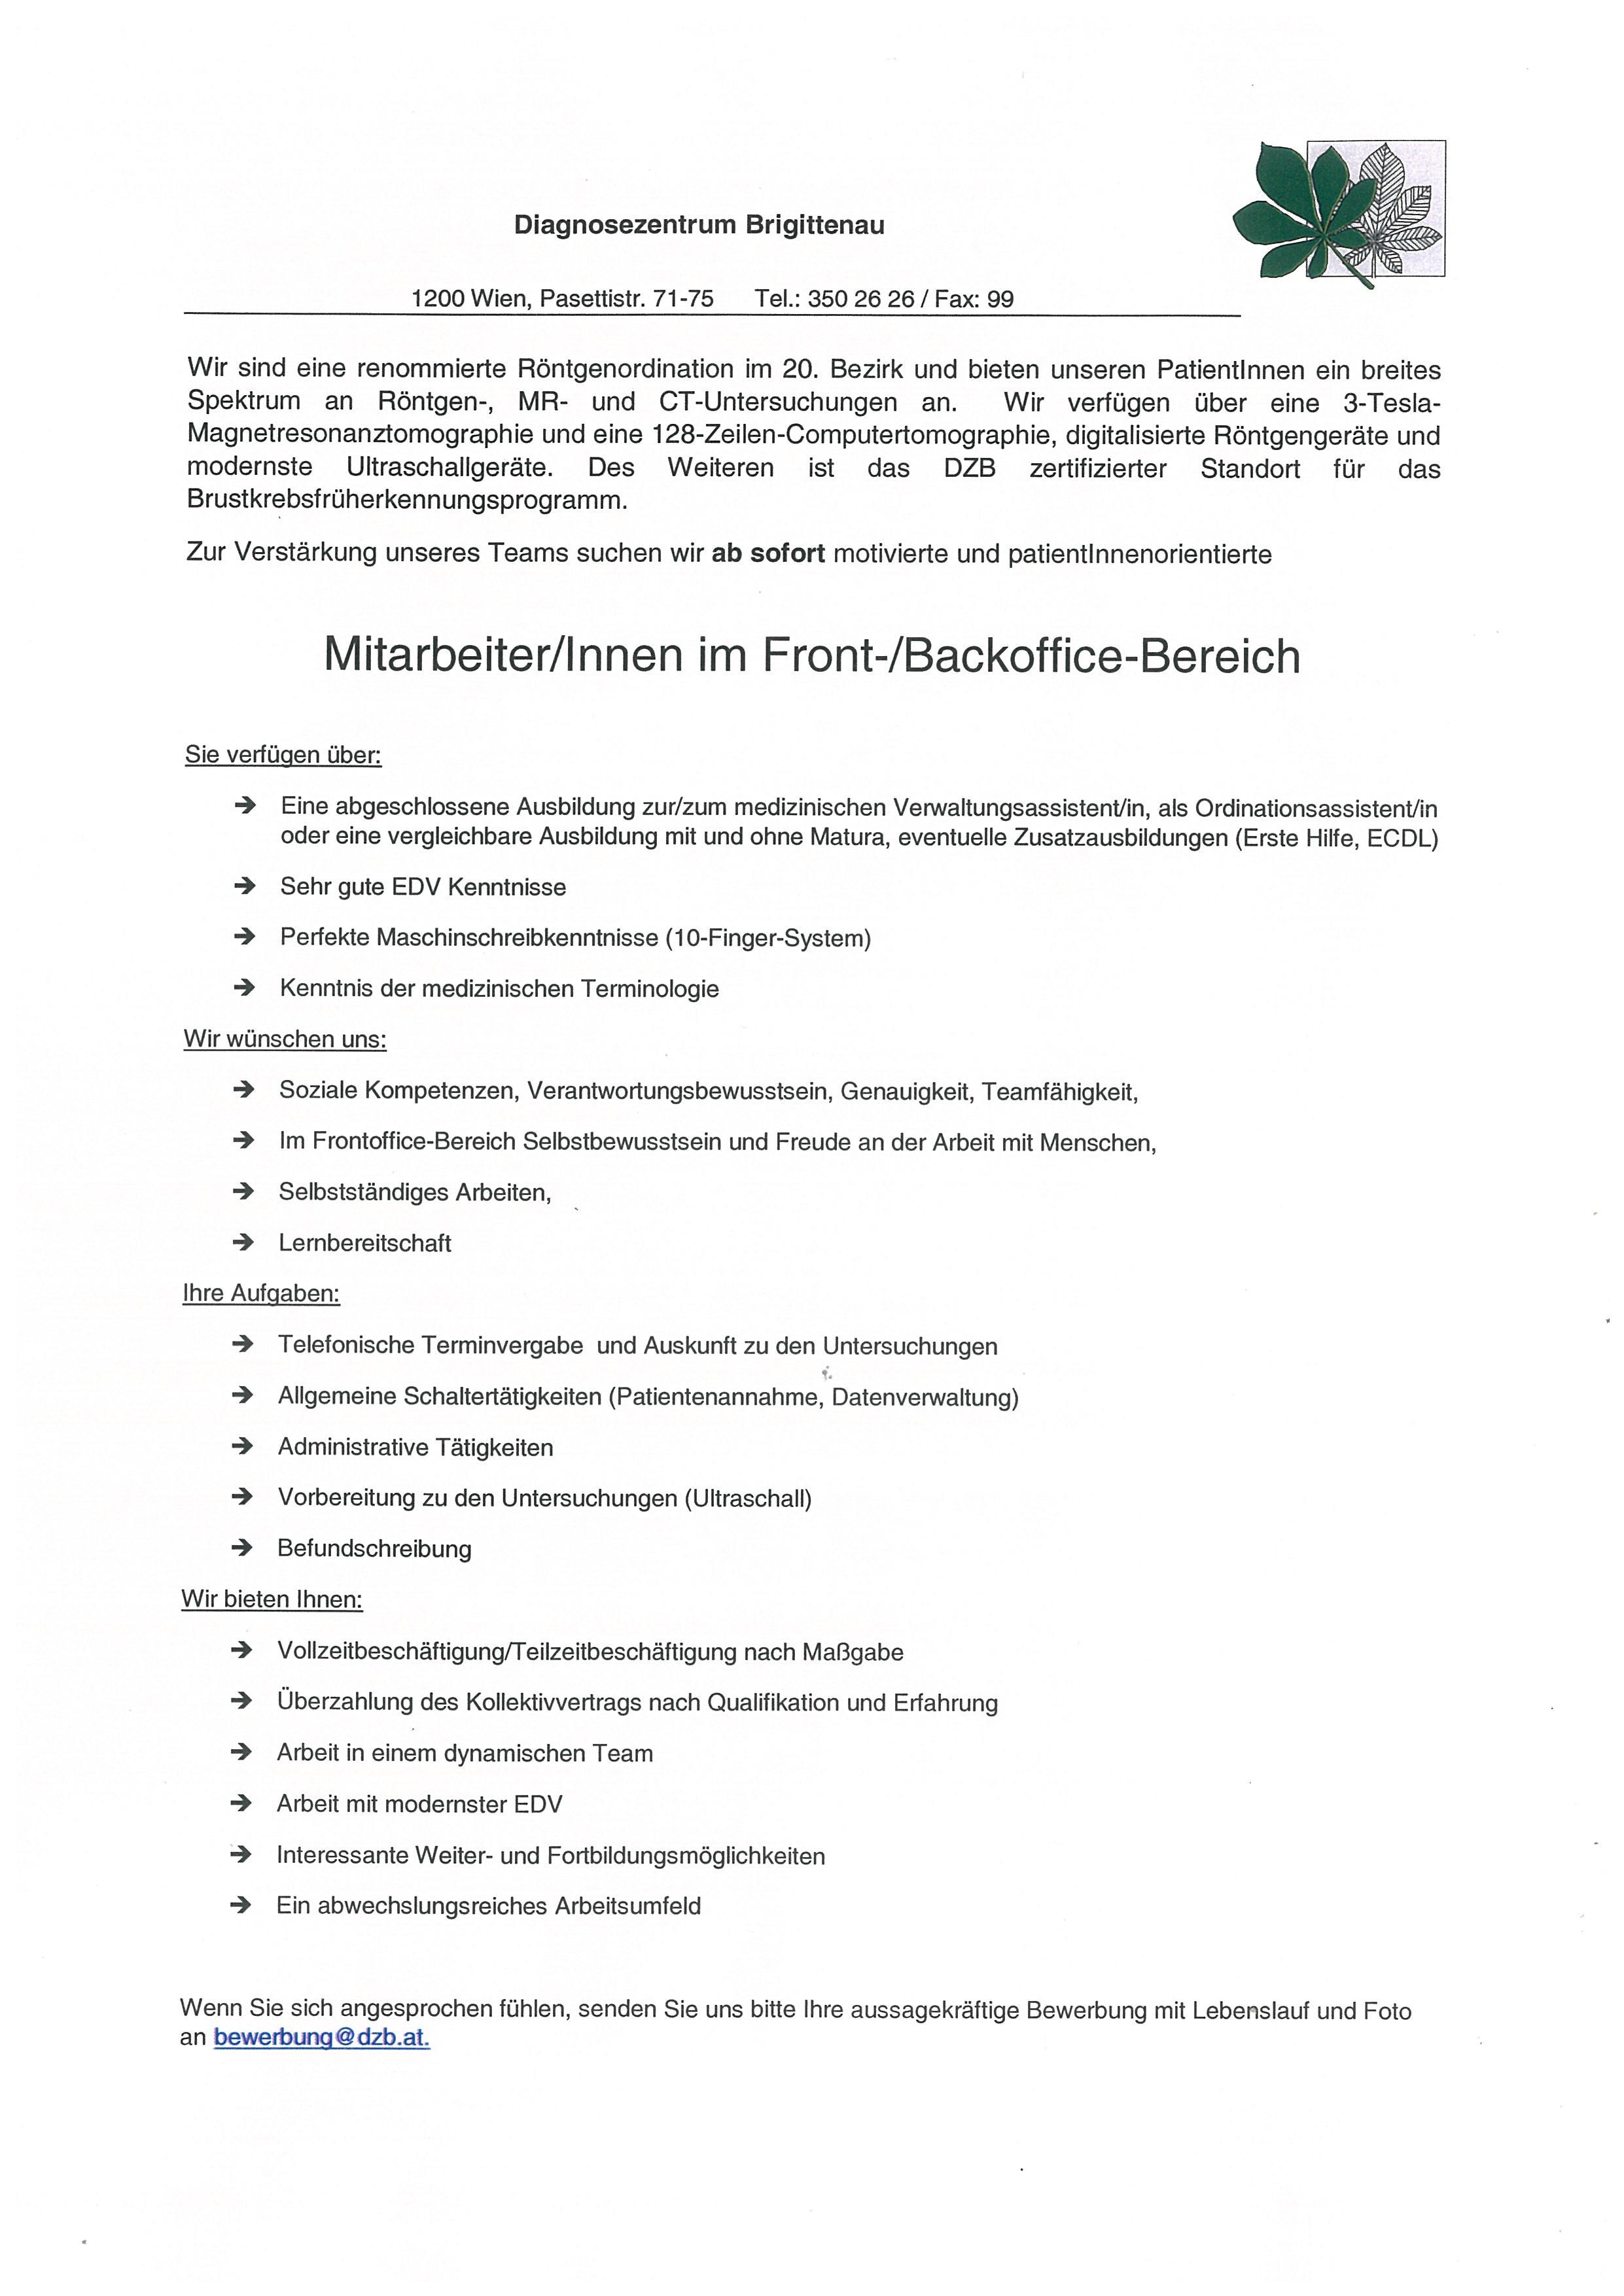 Wunderbar Medizinischer Verwaltungsassistent Lebenslauf Ohne ...